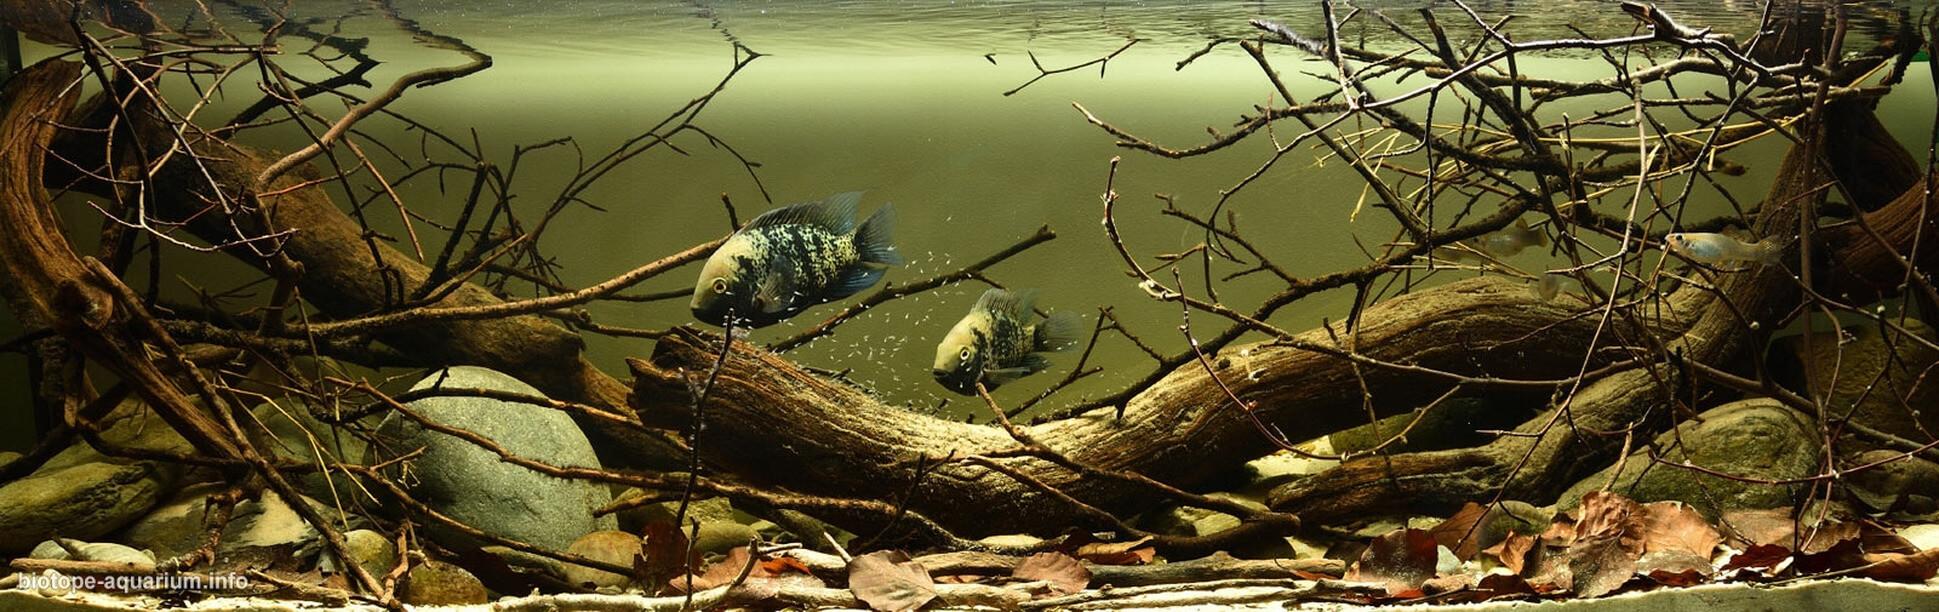 bể thủy sinh, cá cảnh biotope đẹp